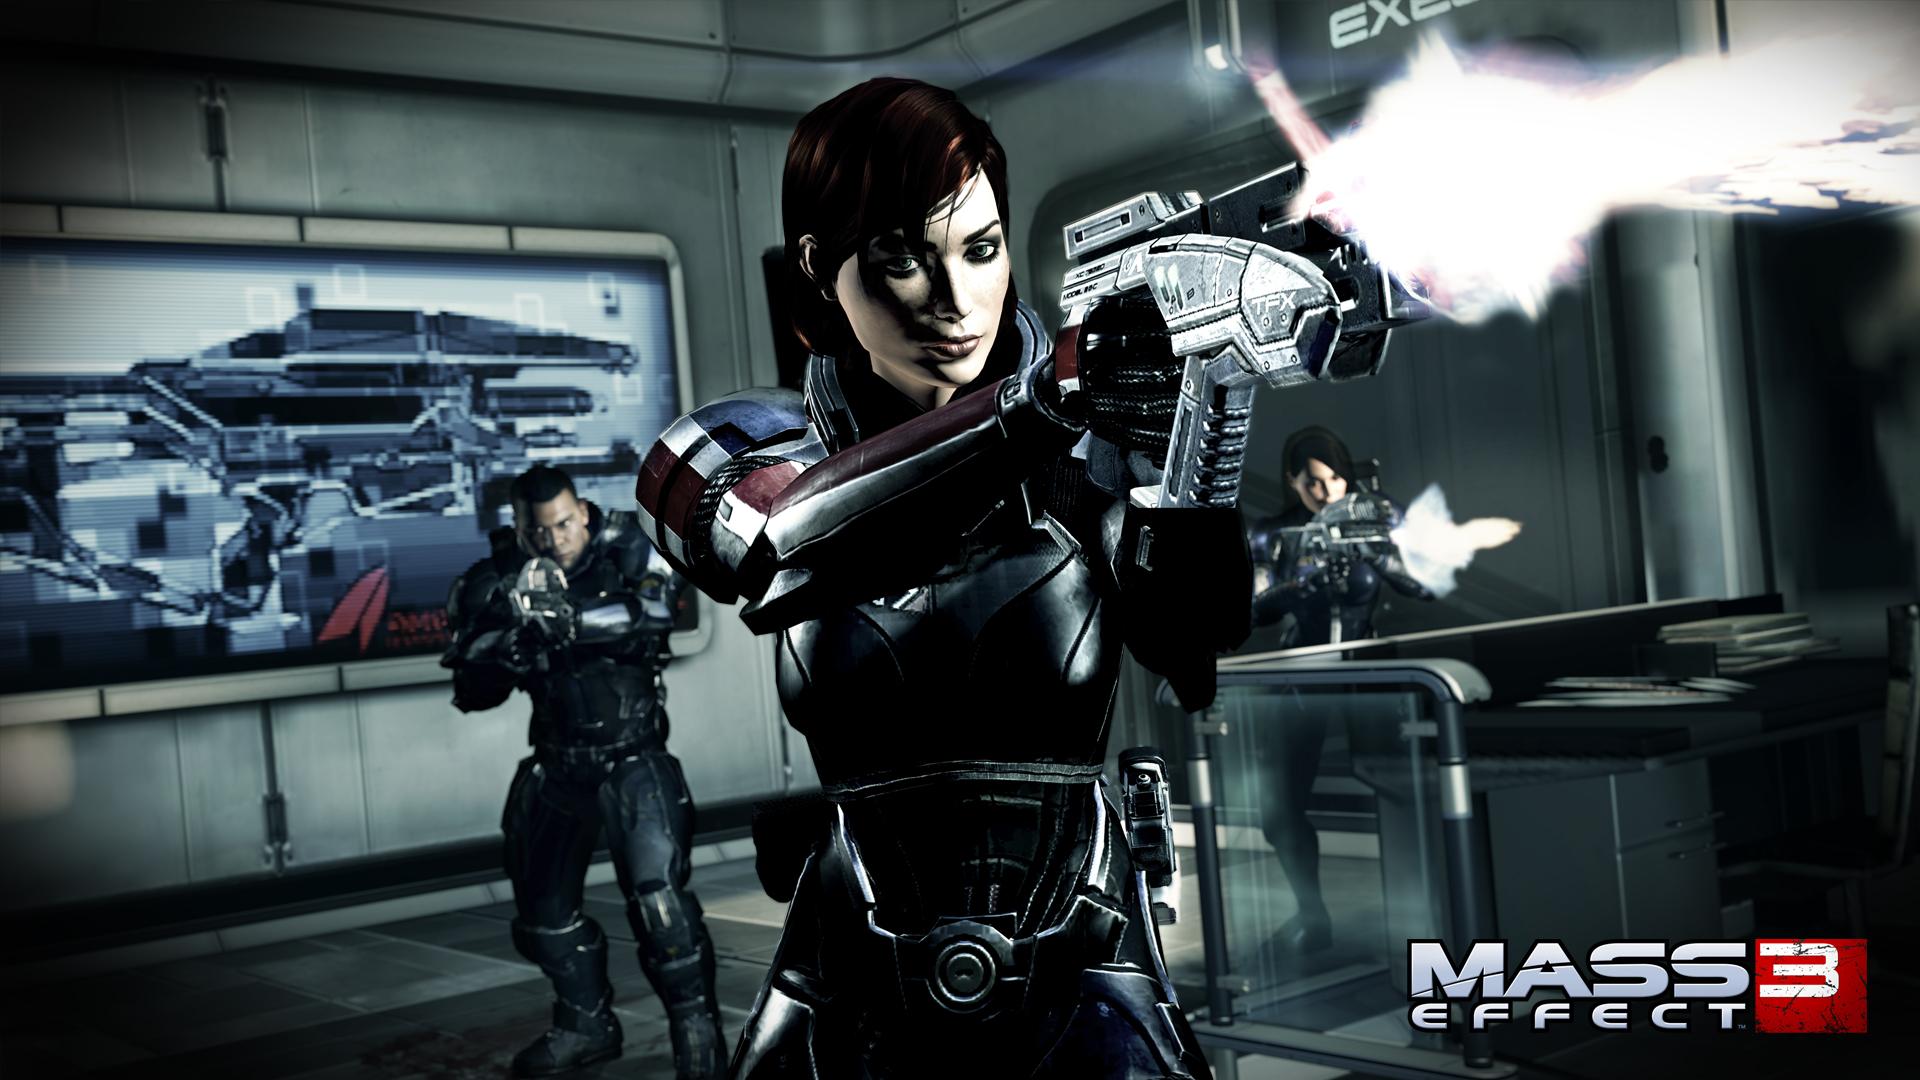 Mass Effect: Co nám dala a co nám vzala série se Shepardem 60018